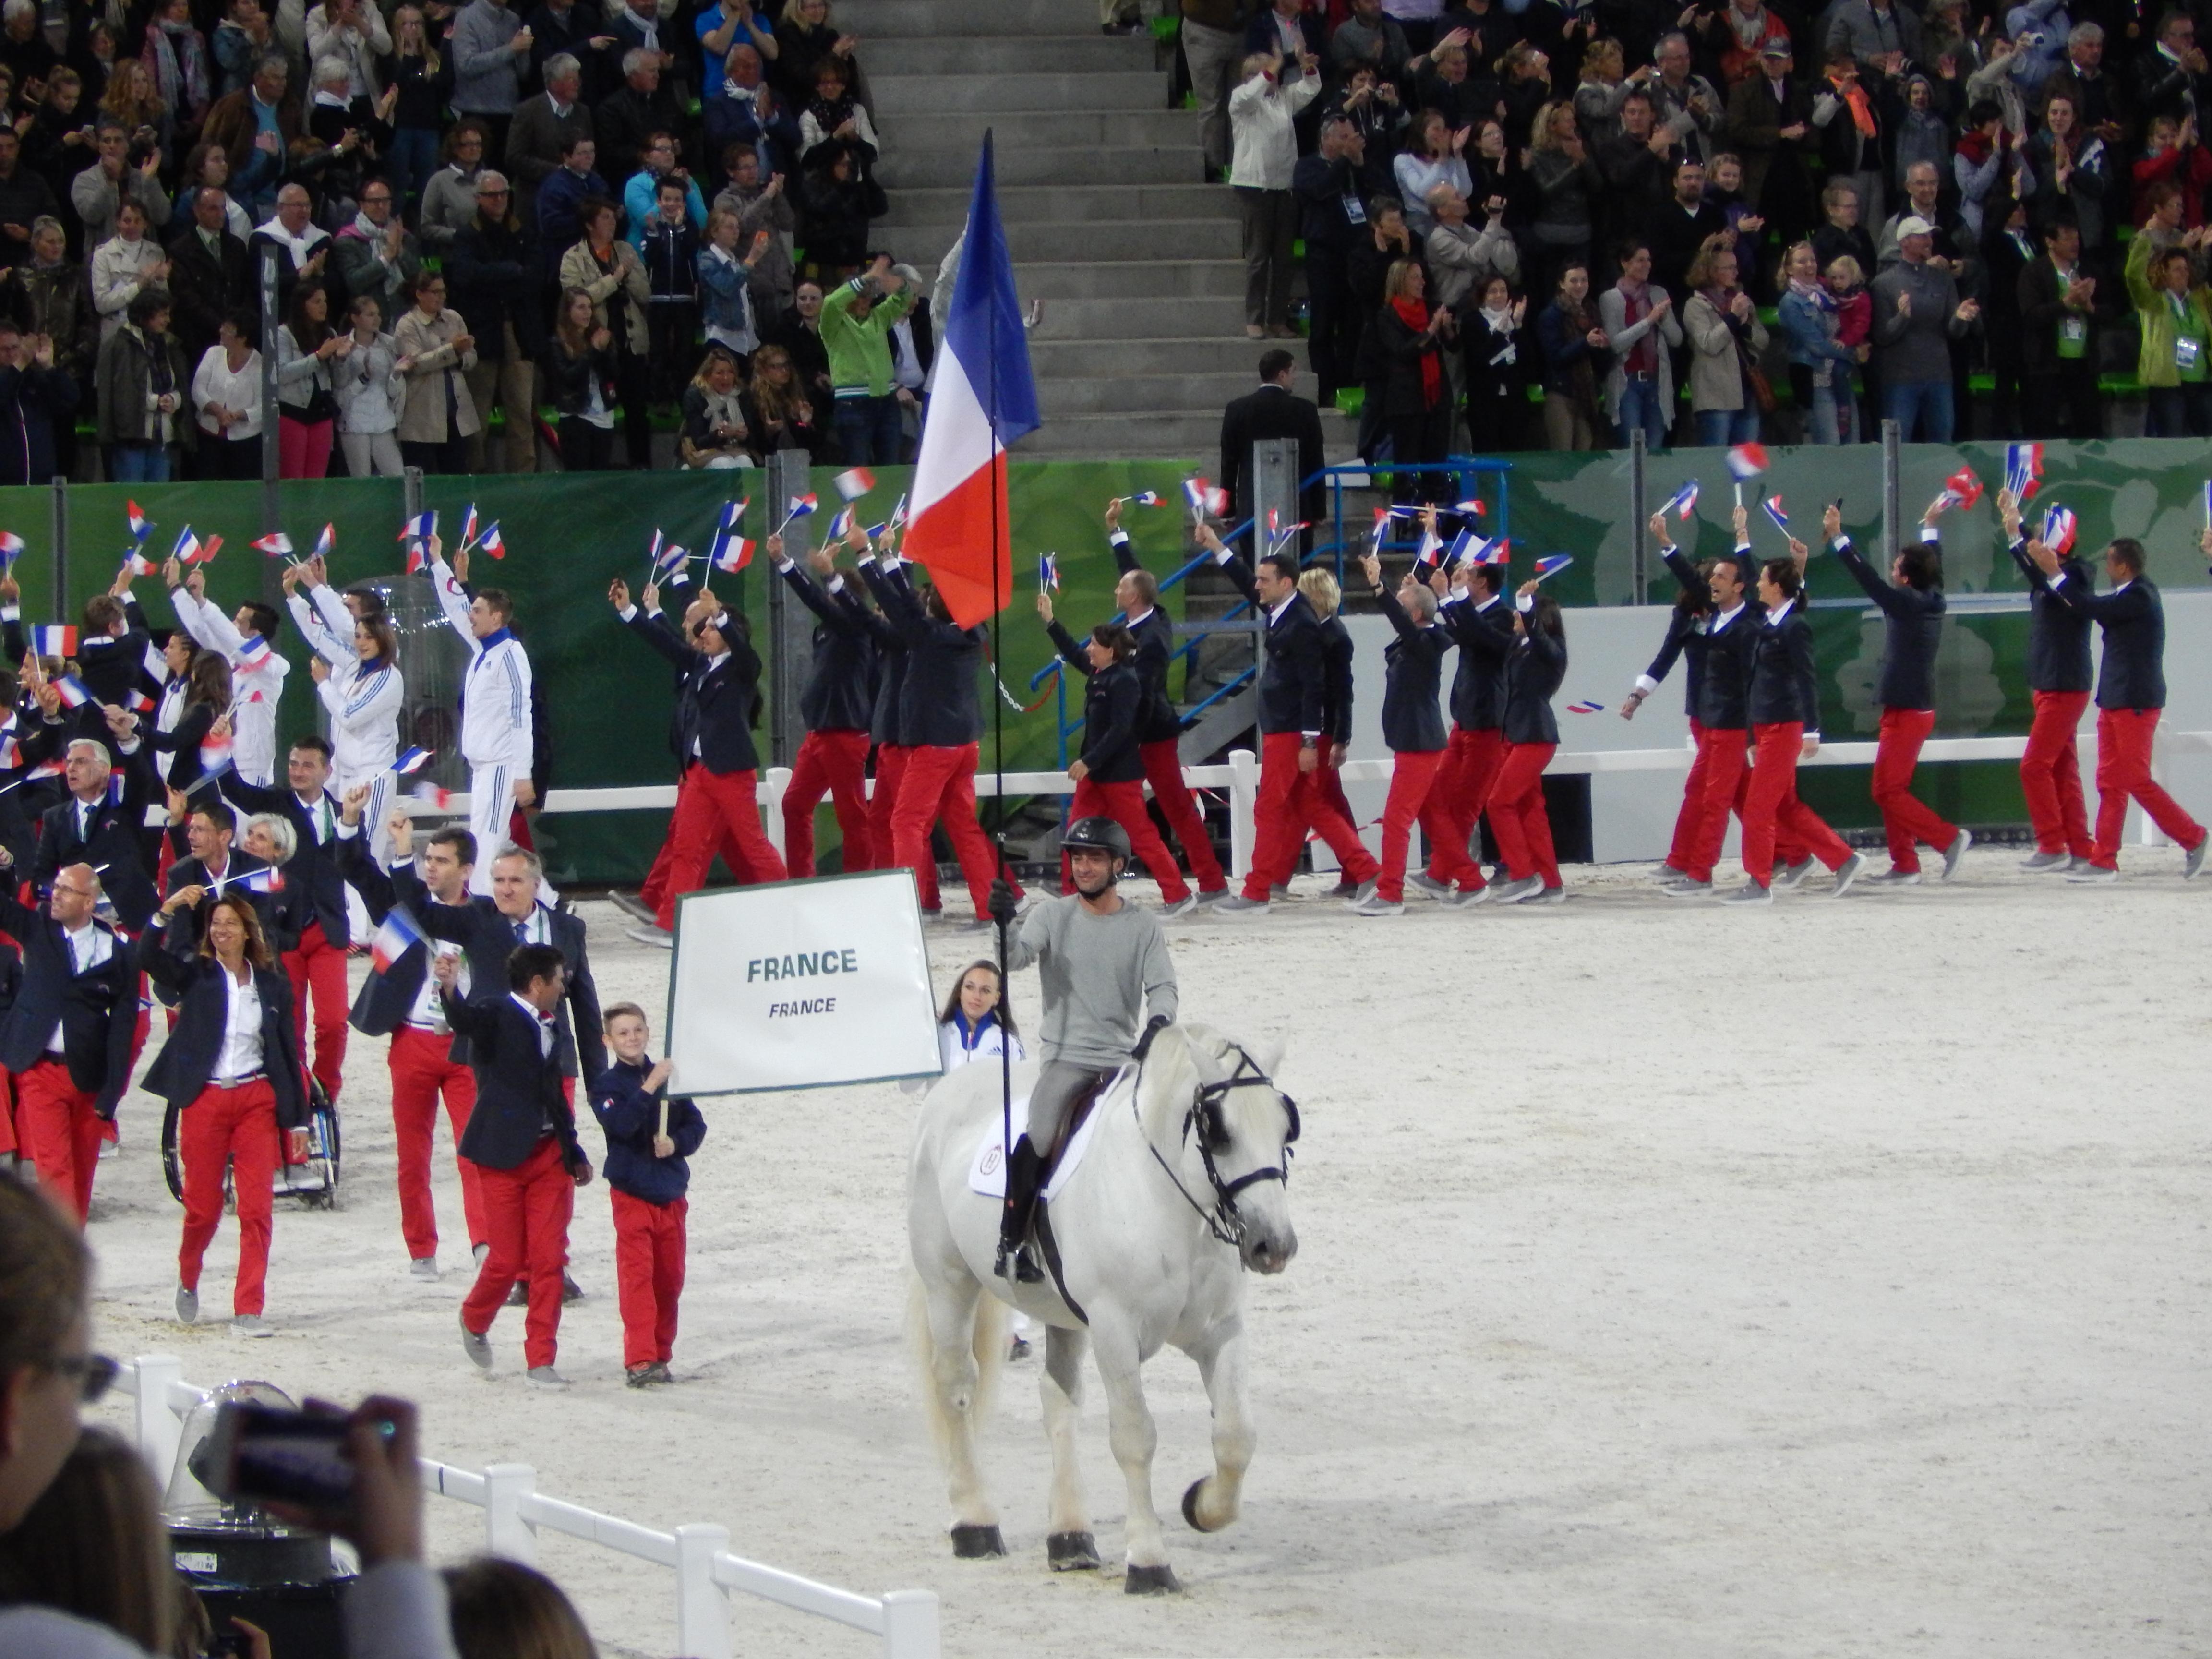 JEM2014, JEM Jeux Equestre Mondiaux